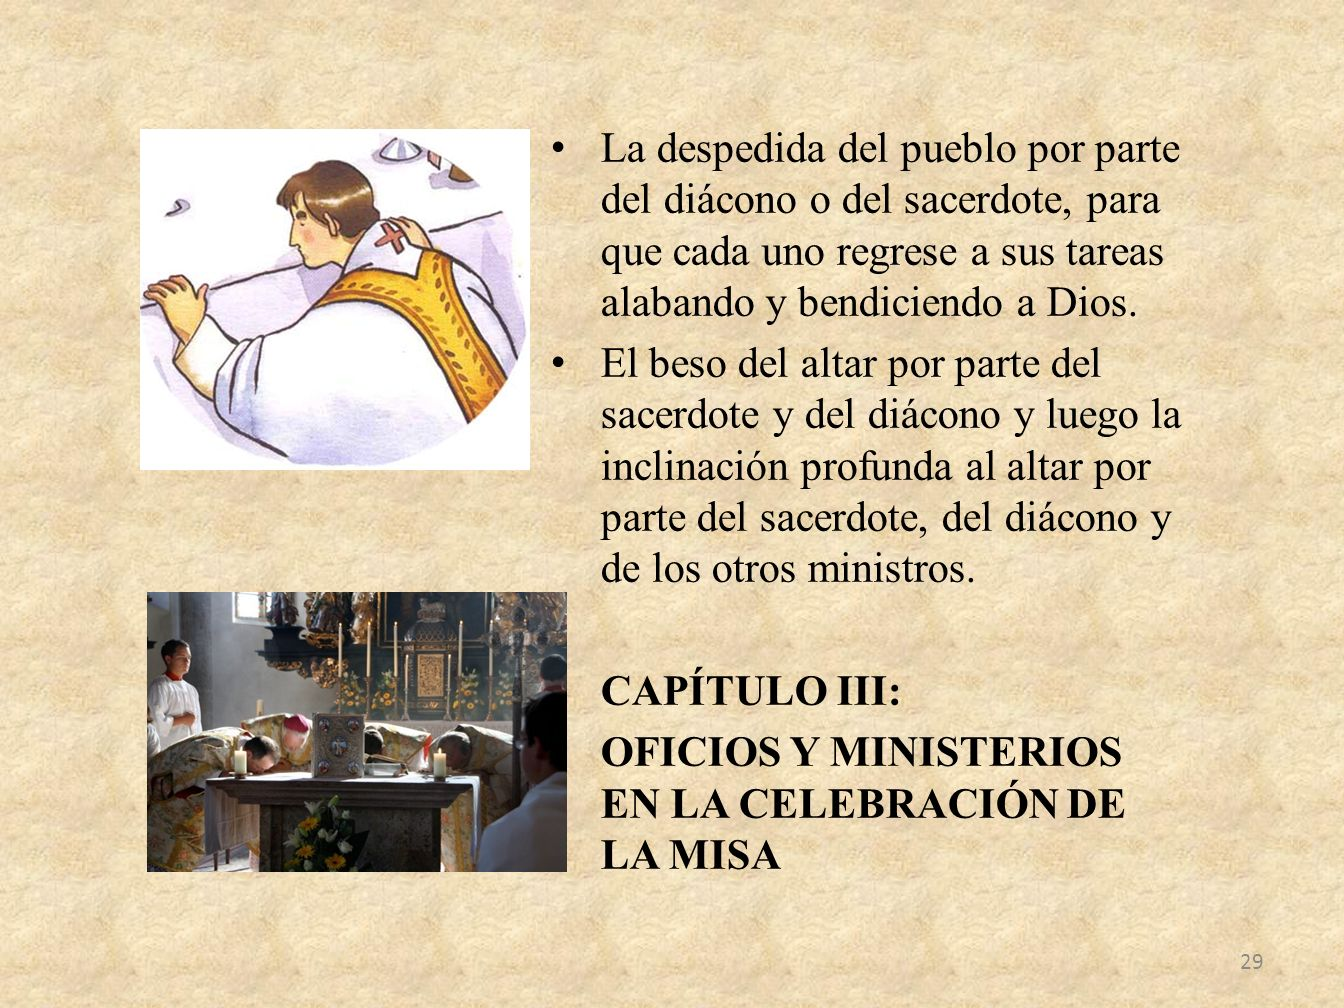 La despedida del pueblo por parte del diácono o del sacerdote, para que cada uno regrese a sus tareas alabando y bendiciendo a Dios. El beso del altar